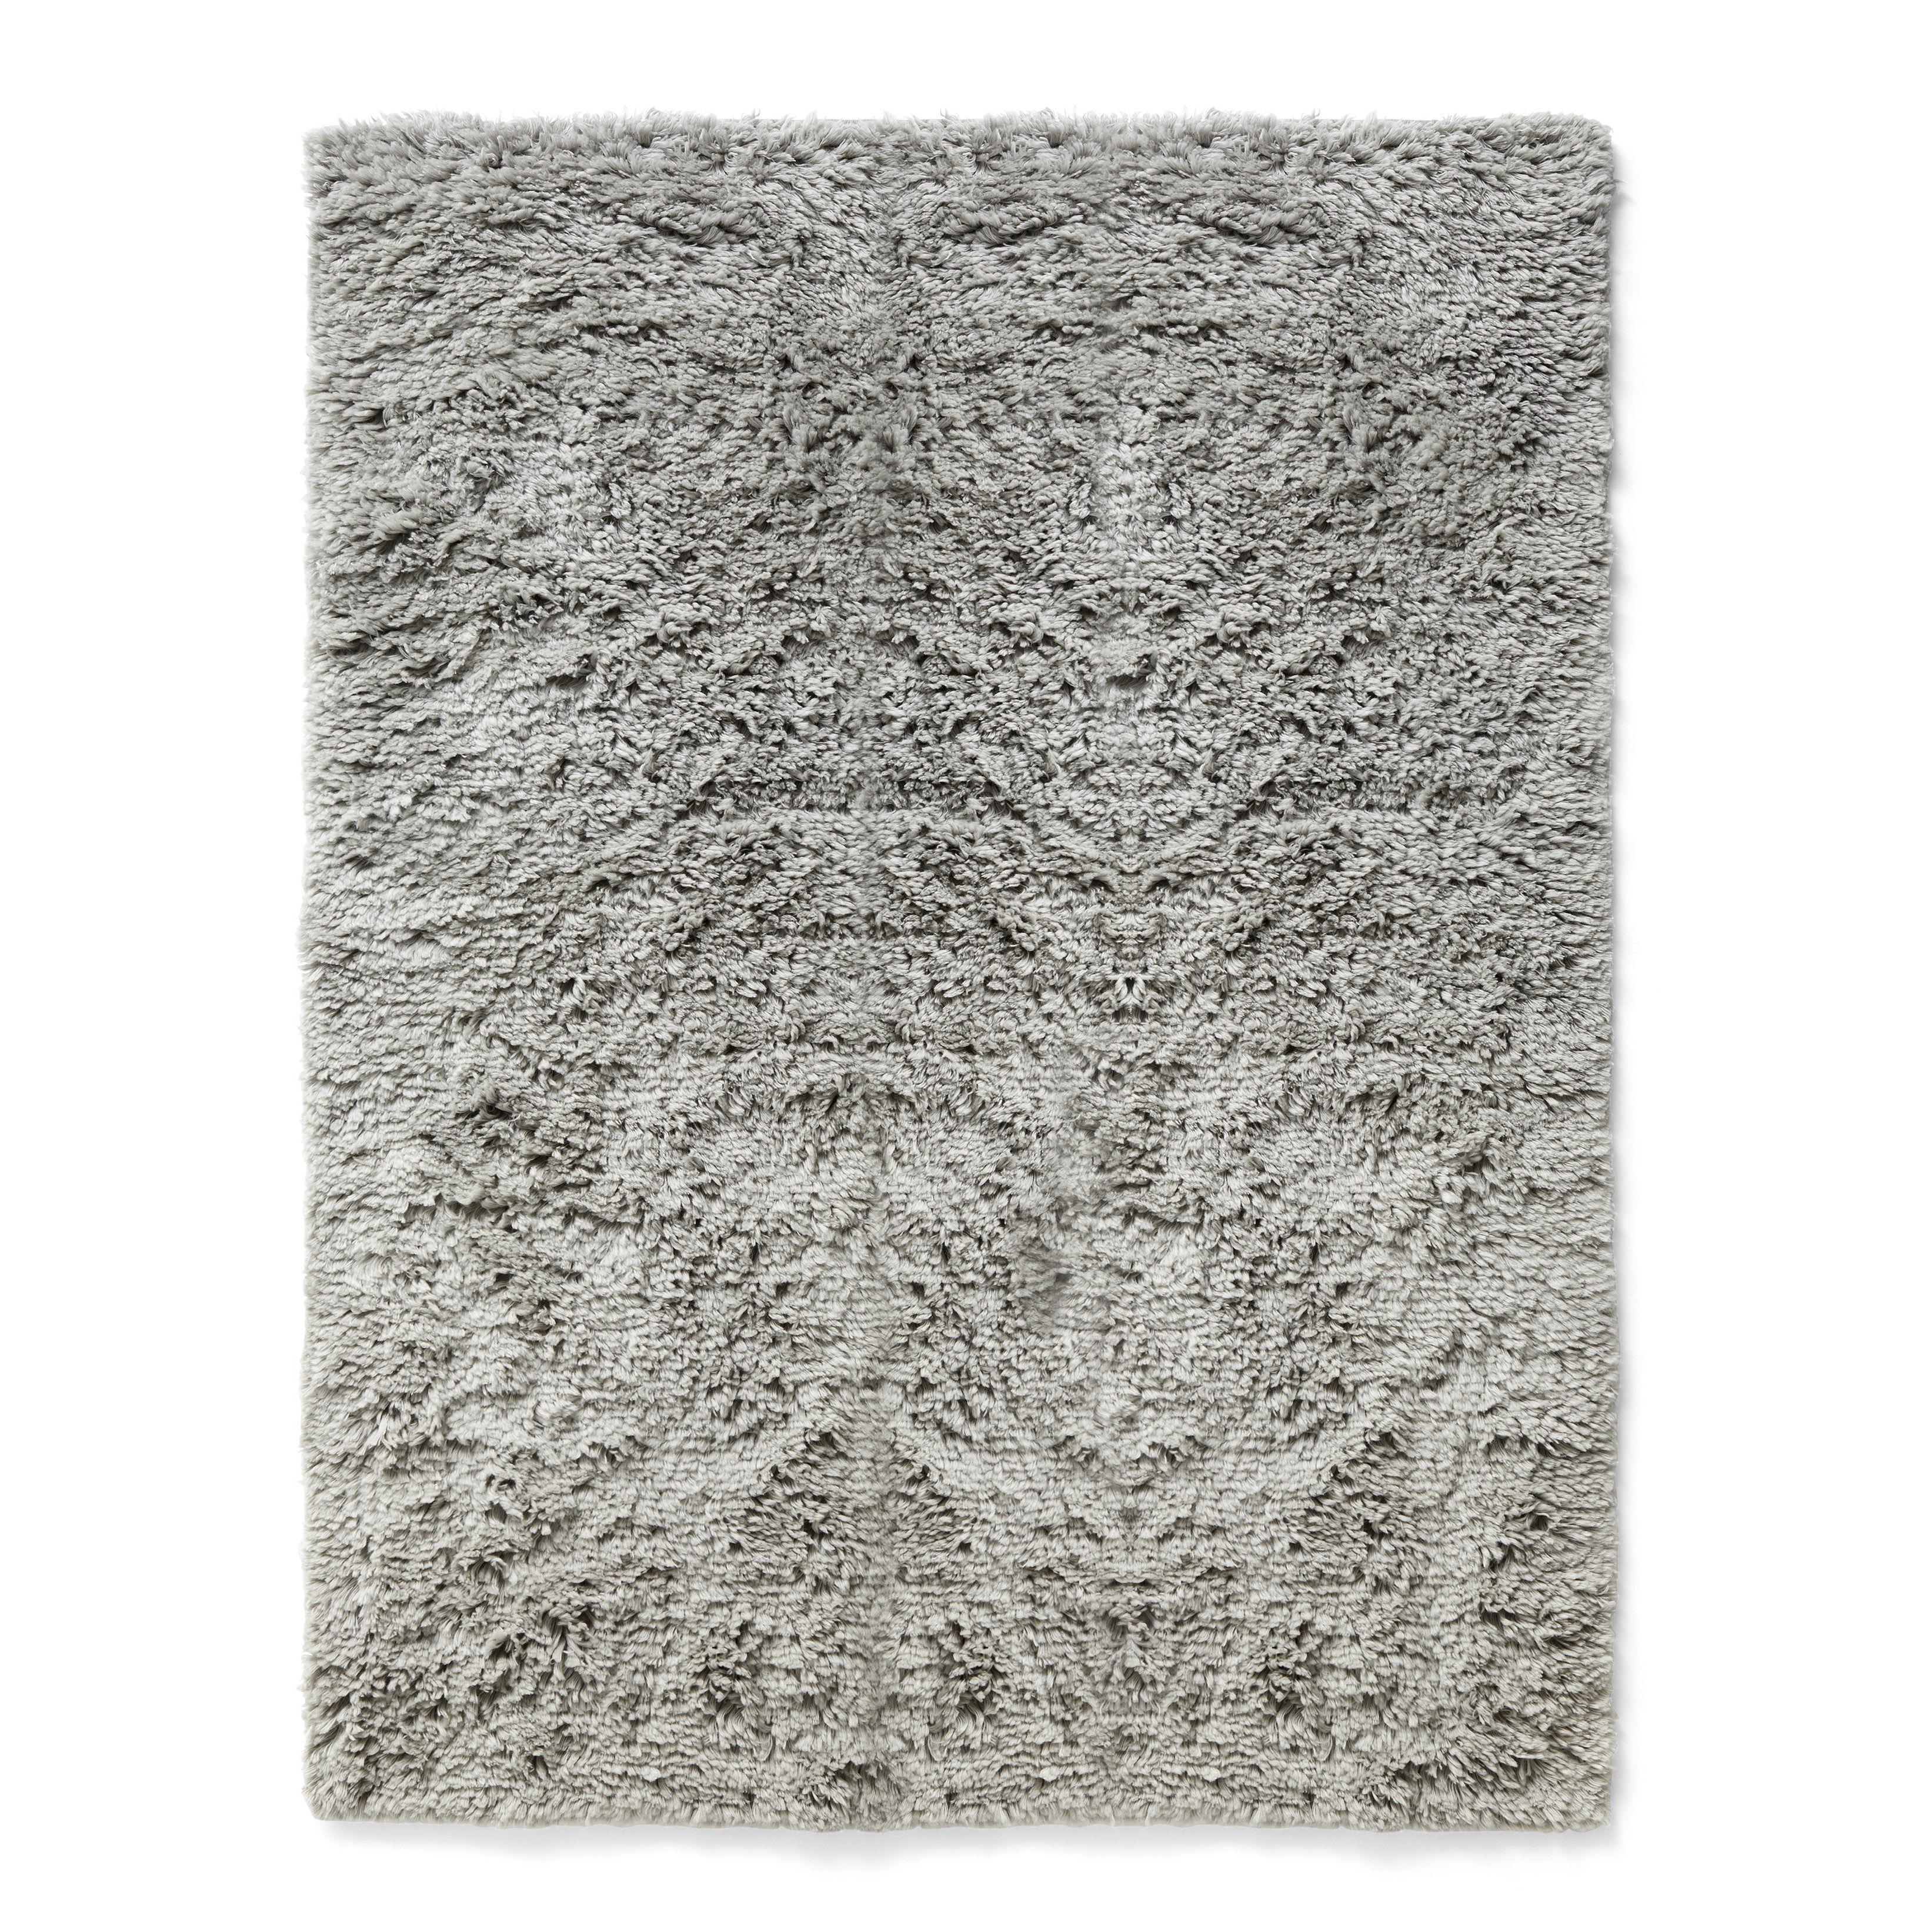 Decoration - Rugs - Shaggy Rug - / 140 x 200 cm - Deep pile by Hay - 140 x 200 cm / Hot grey - Wool